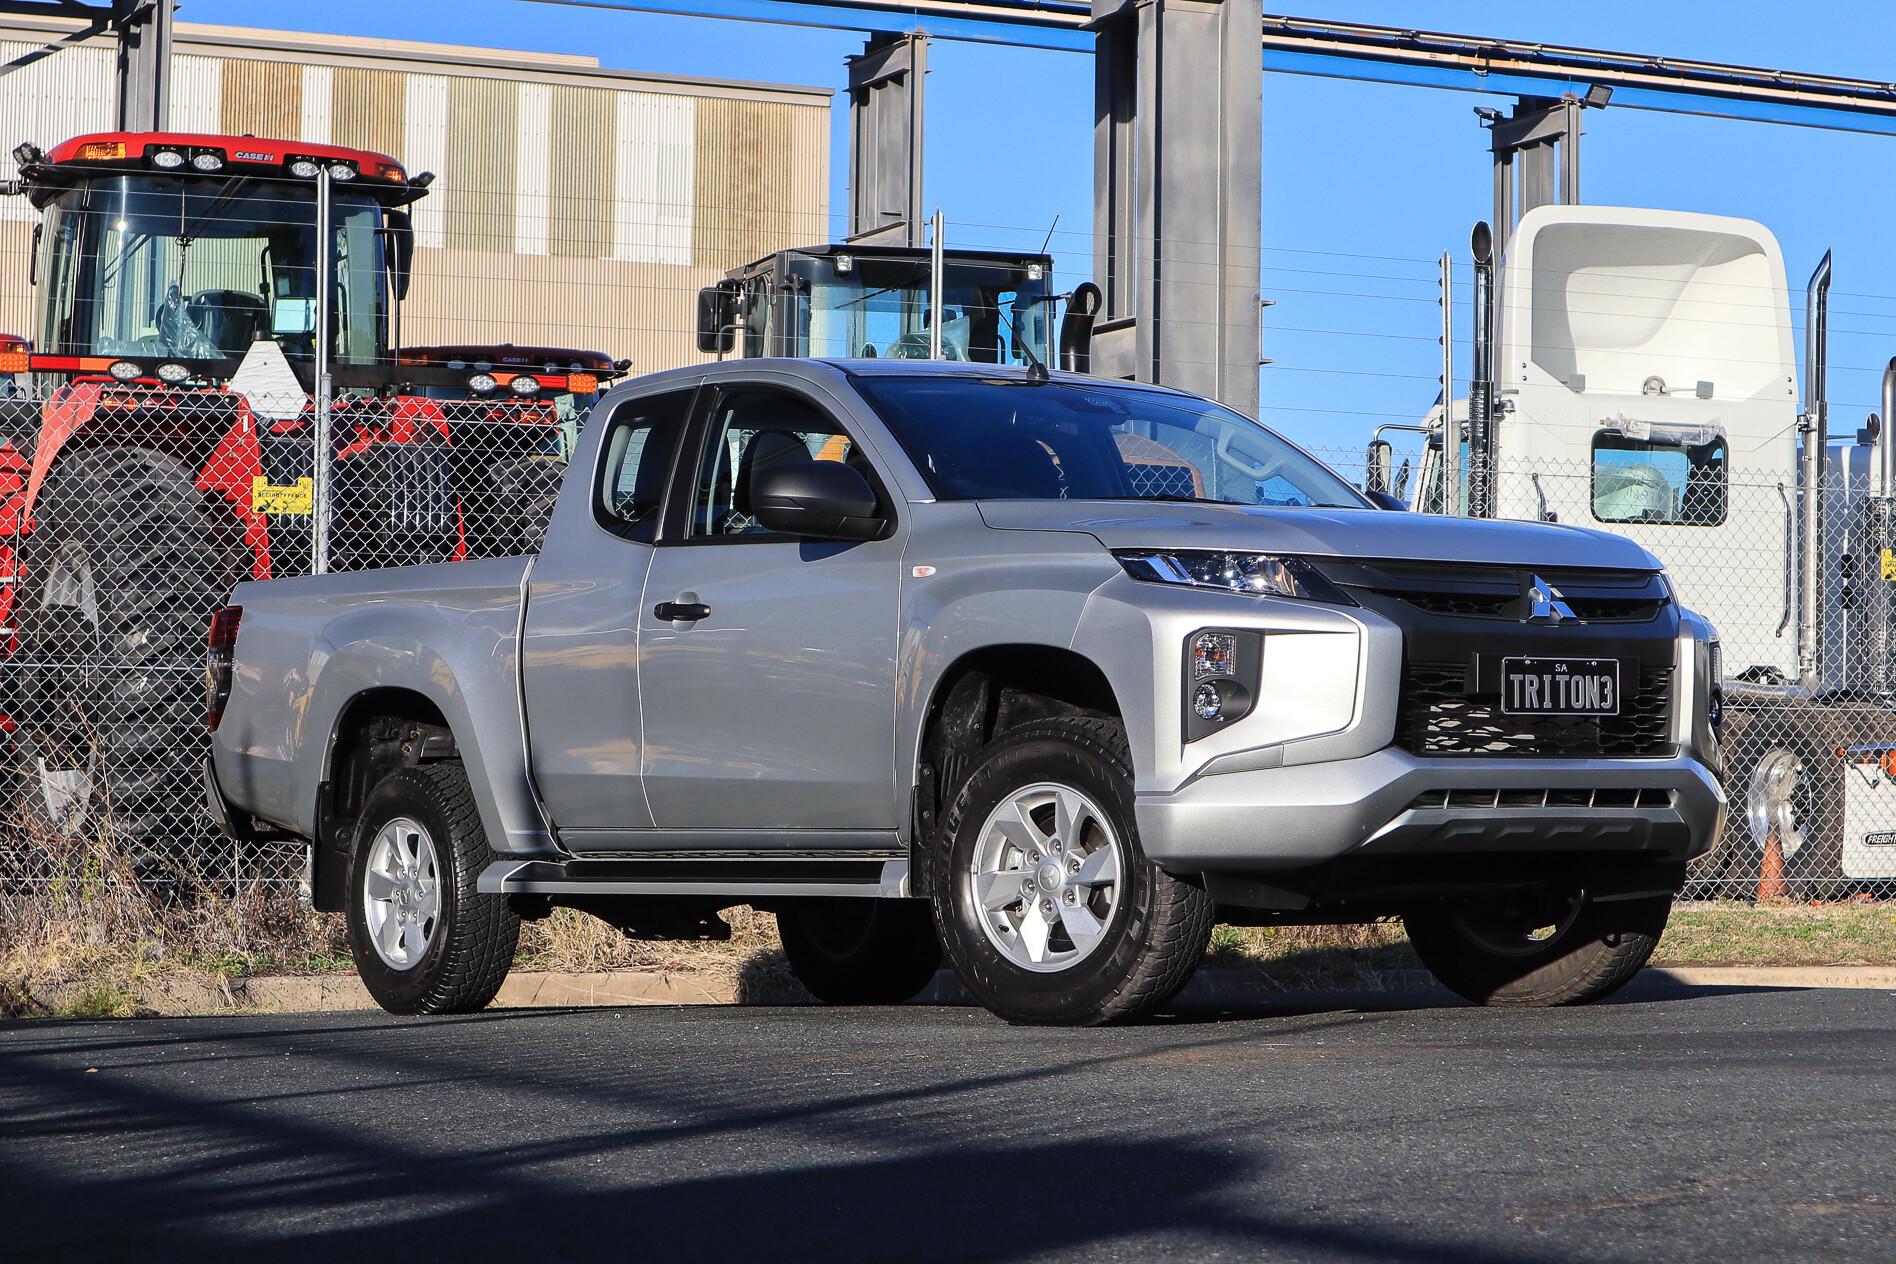 Mitsubishi Triton 2020